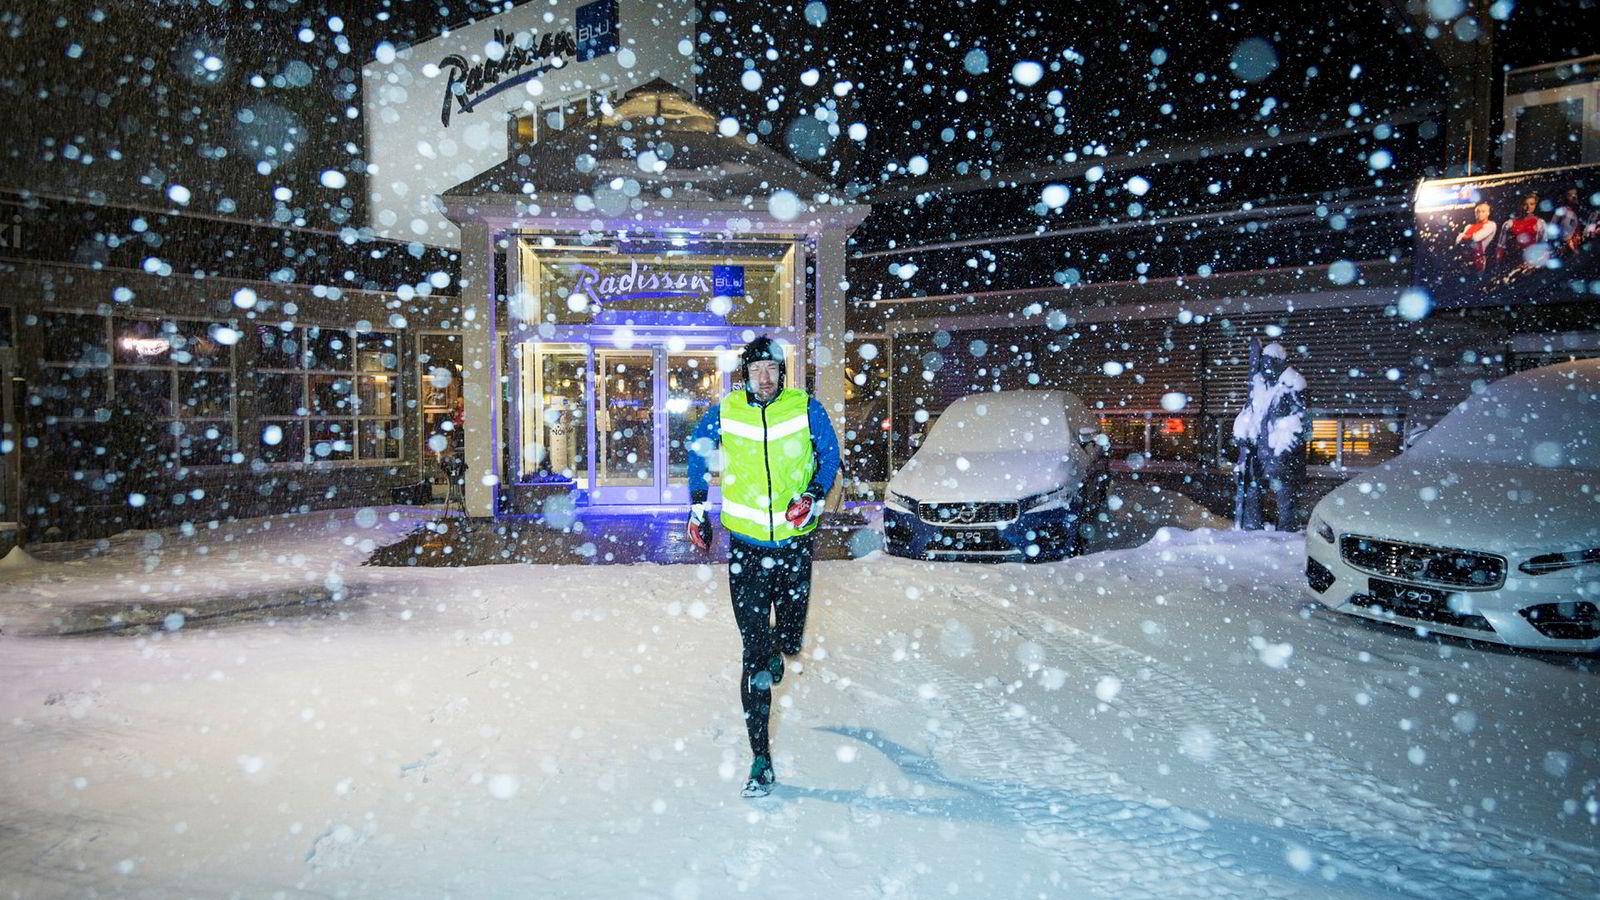 Det snør kraftig i det Jann Post legger ut på løpetur på morgenkvisten, fire timer før han skal sitte i NRKs kommentatorbu på Beitostølen. Disiplin er et nøkkelord for å holde treningen i gang med rundt 120 reisedager i året.